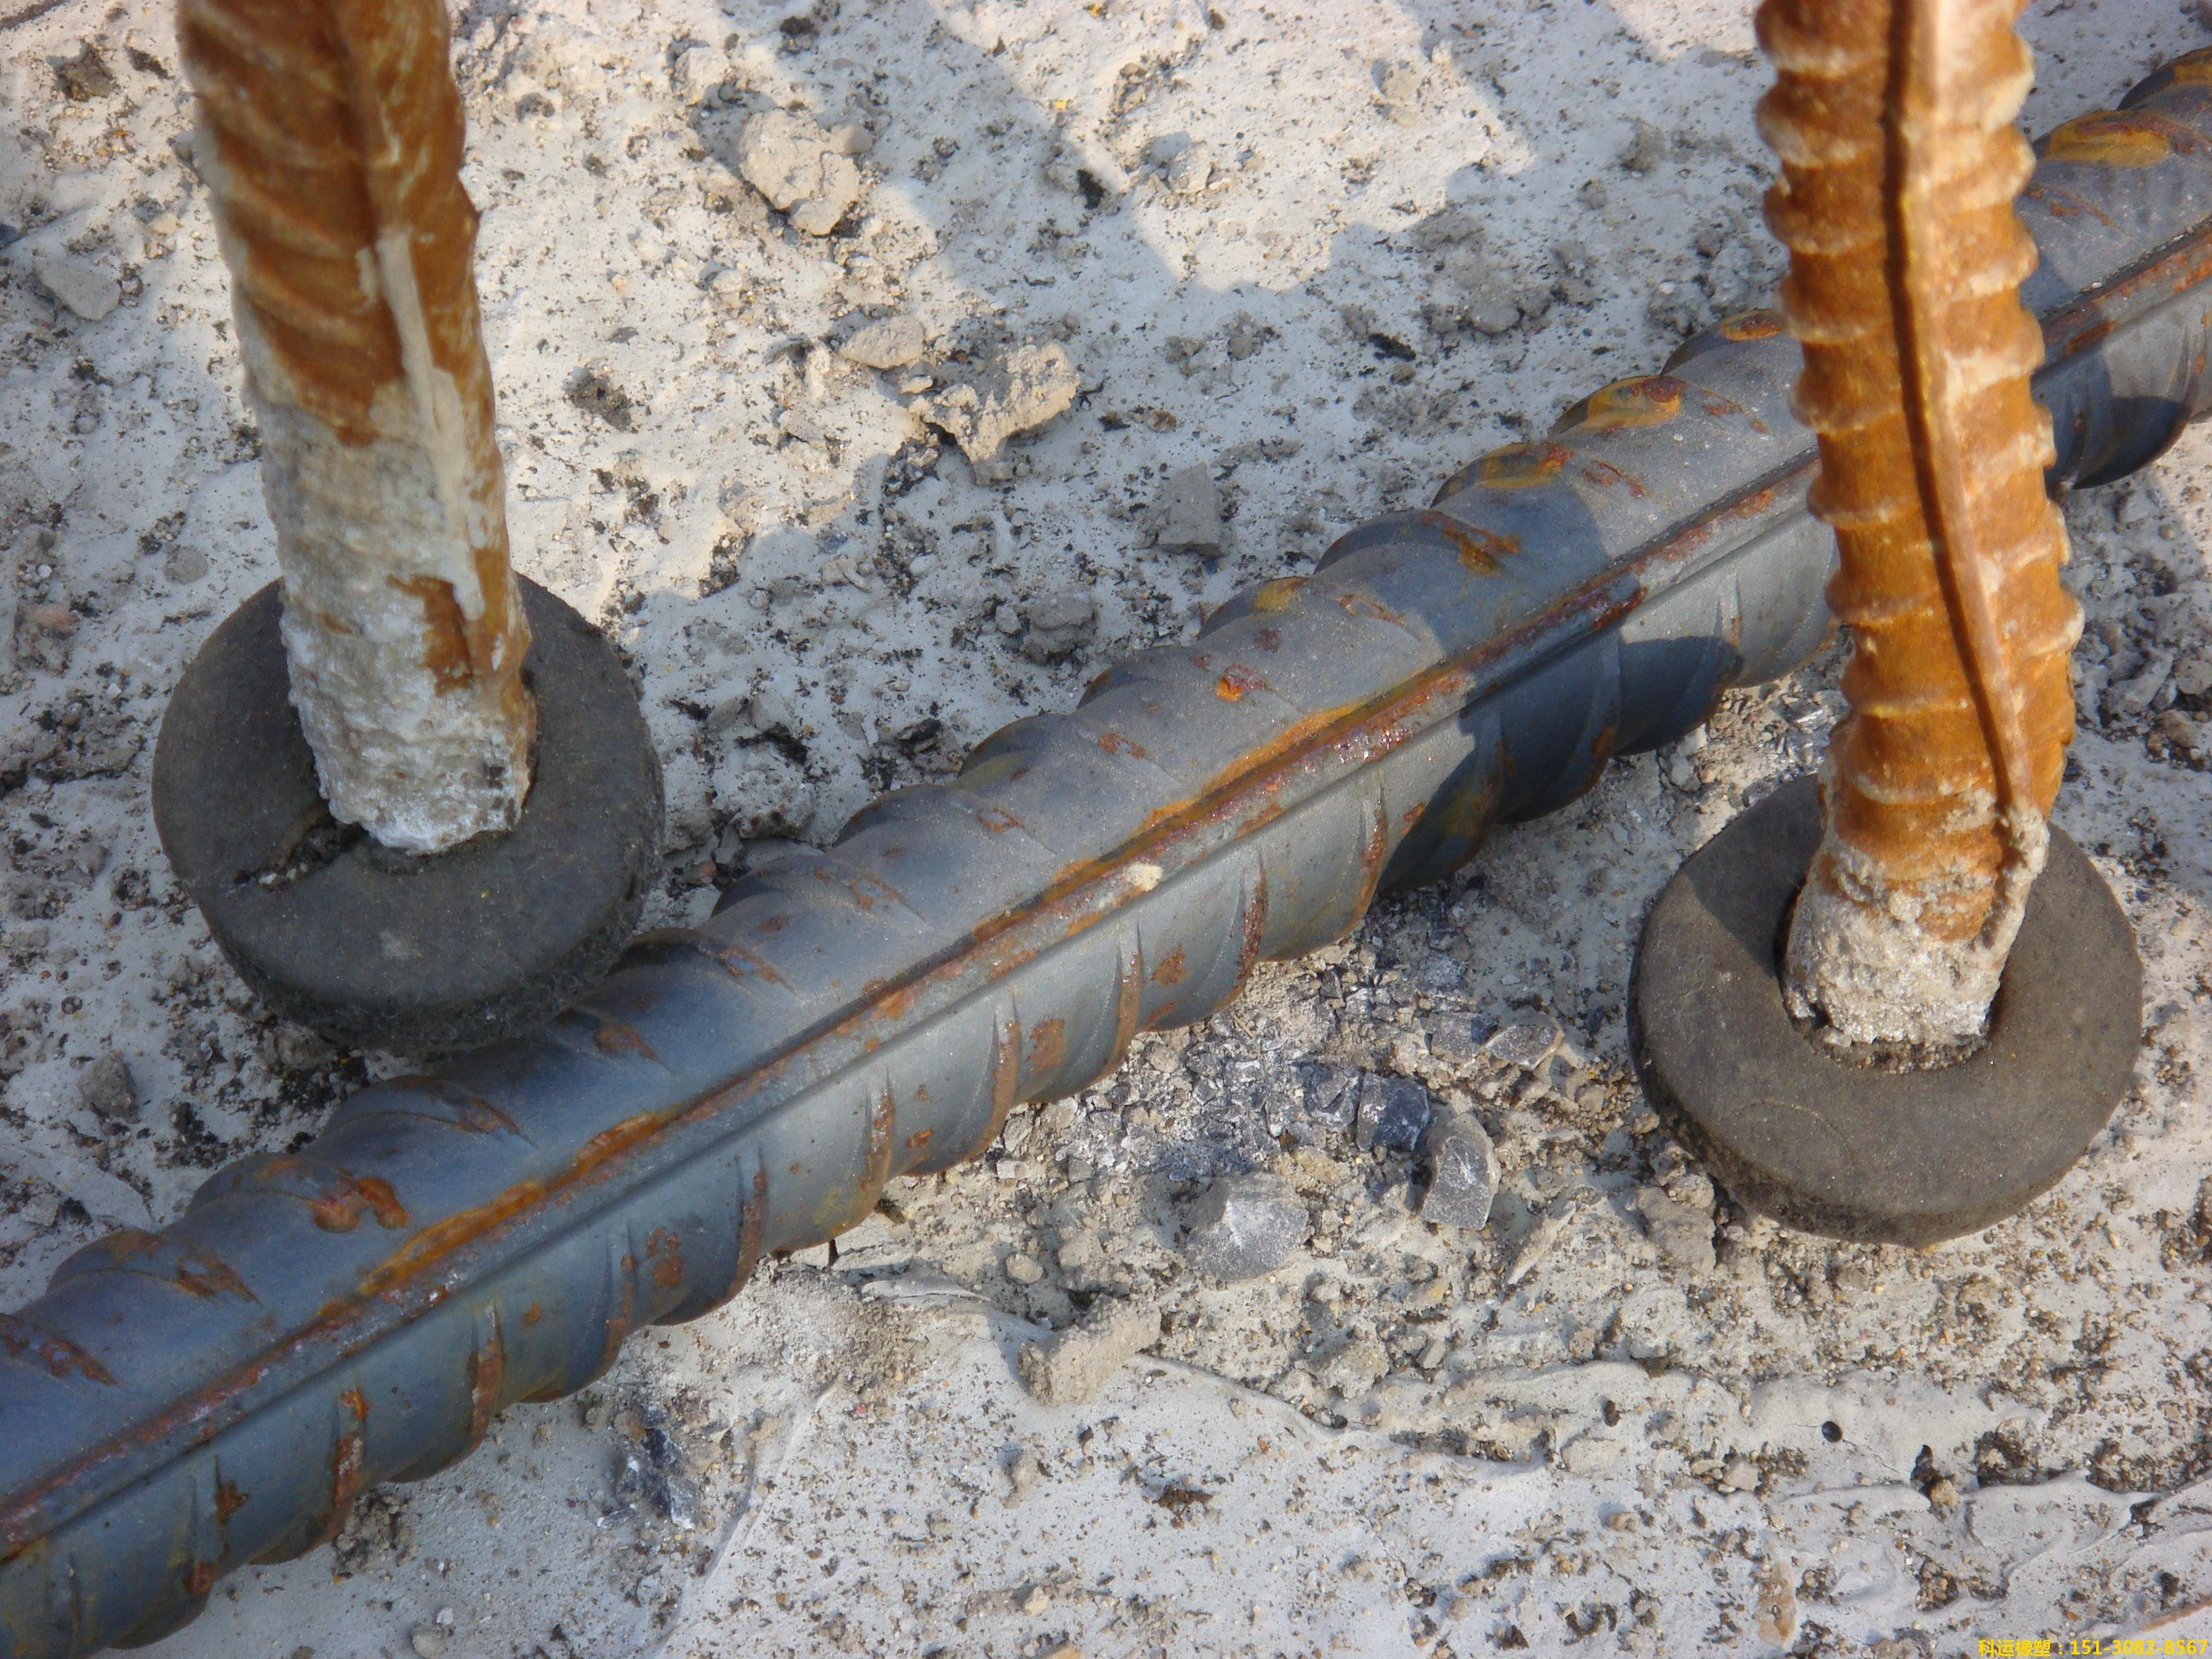 遇水膨胀橡胶止水环-科运橡塑国标遇水膨胀止水环批发4